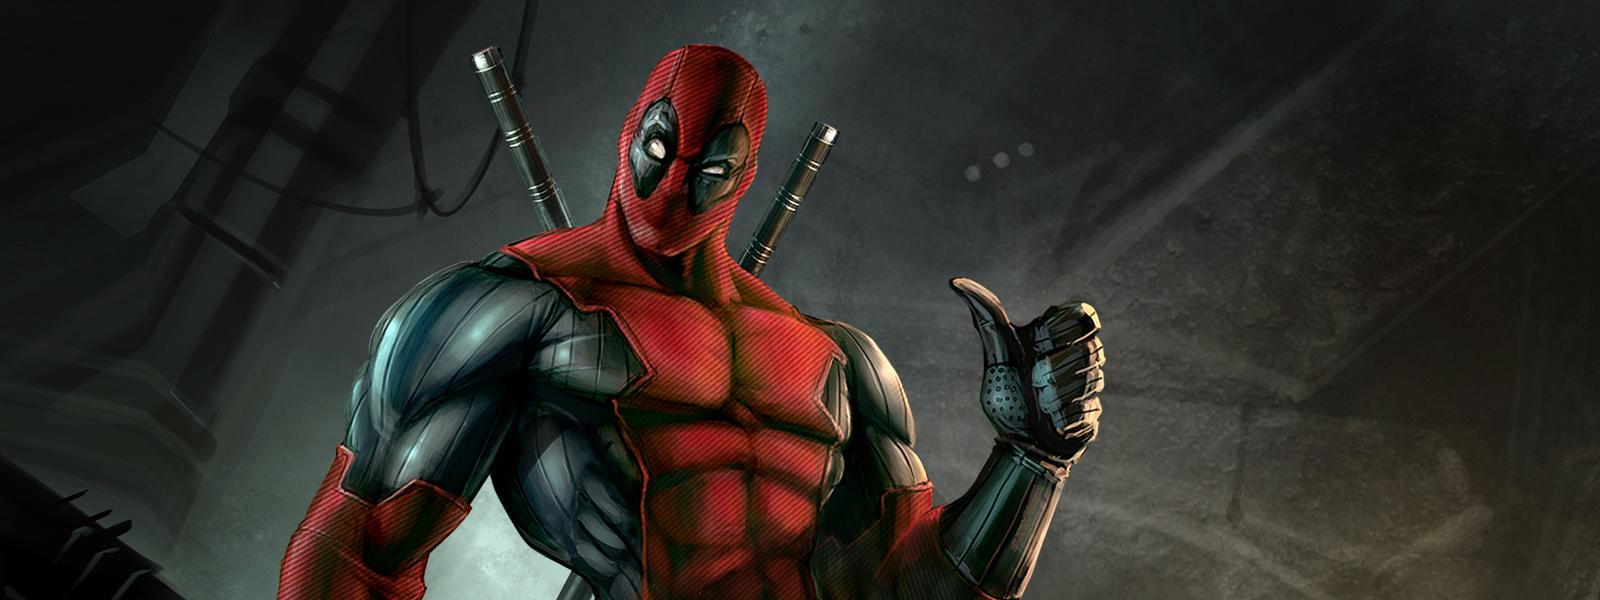 Deadpool, marvel, comics, superhero suit